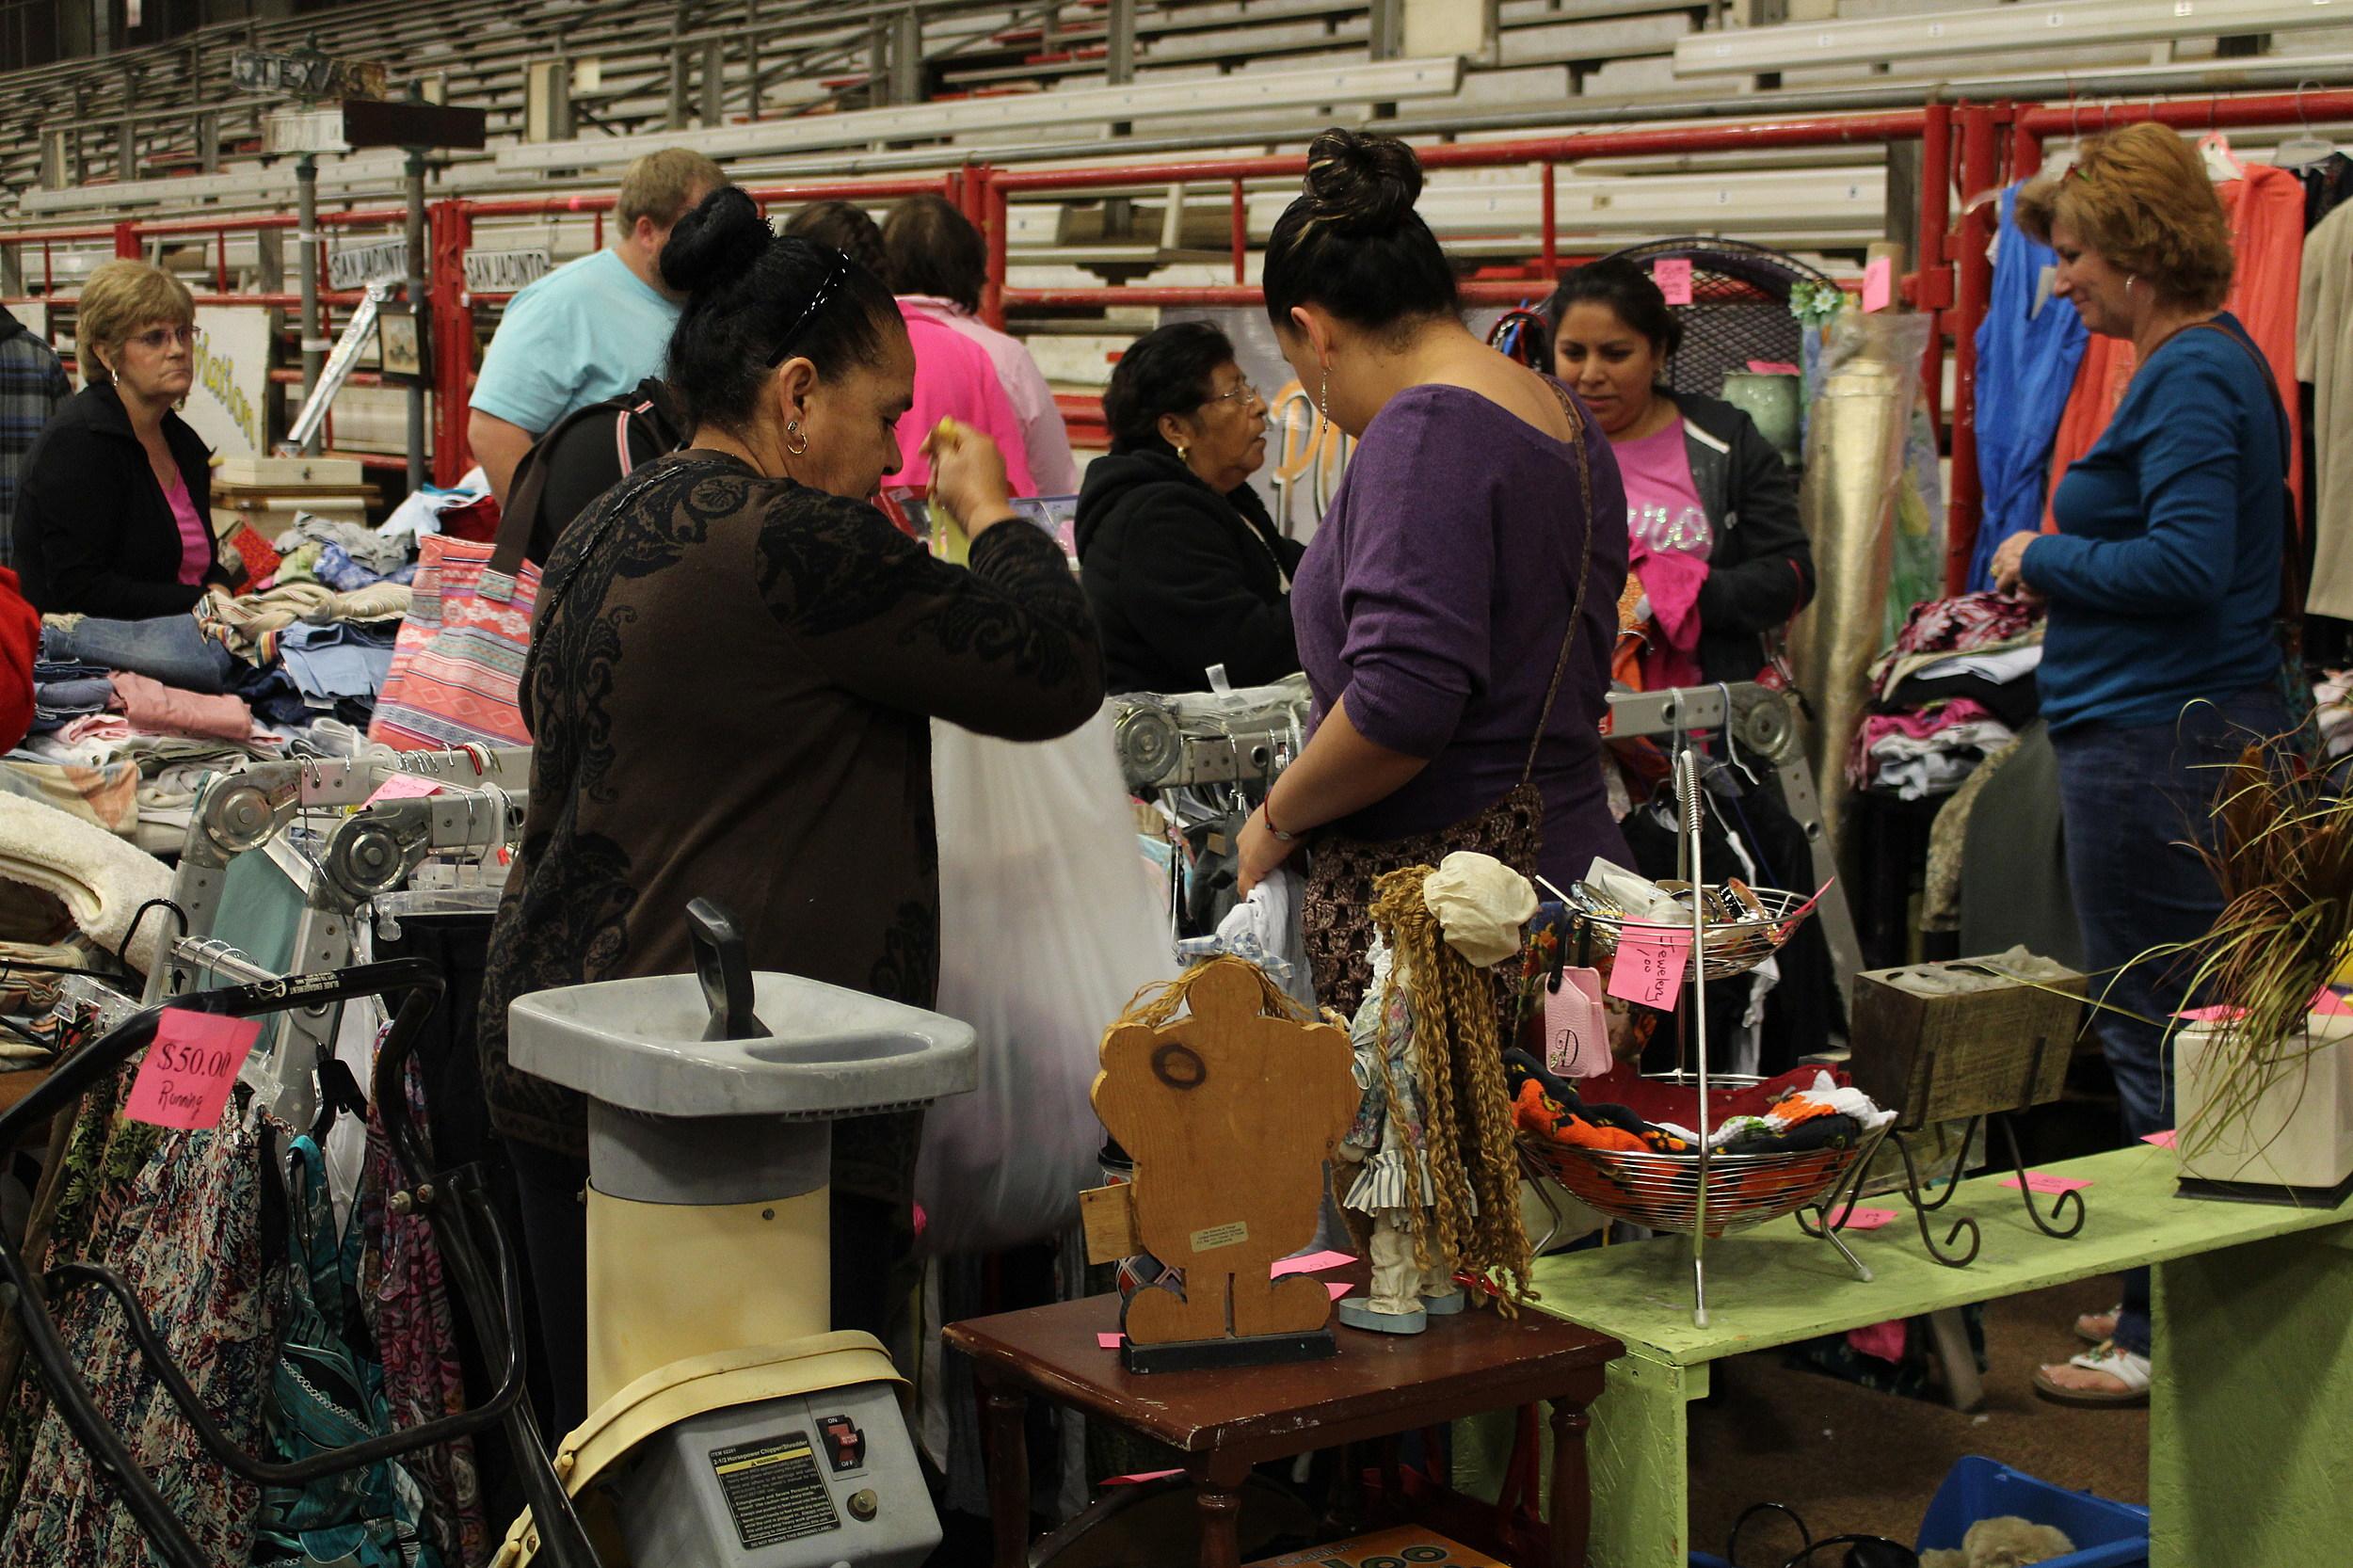 Texarkana's largest indoor garage sale